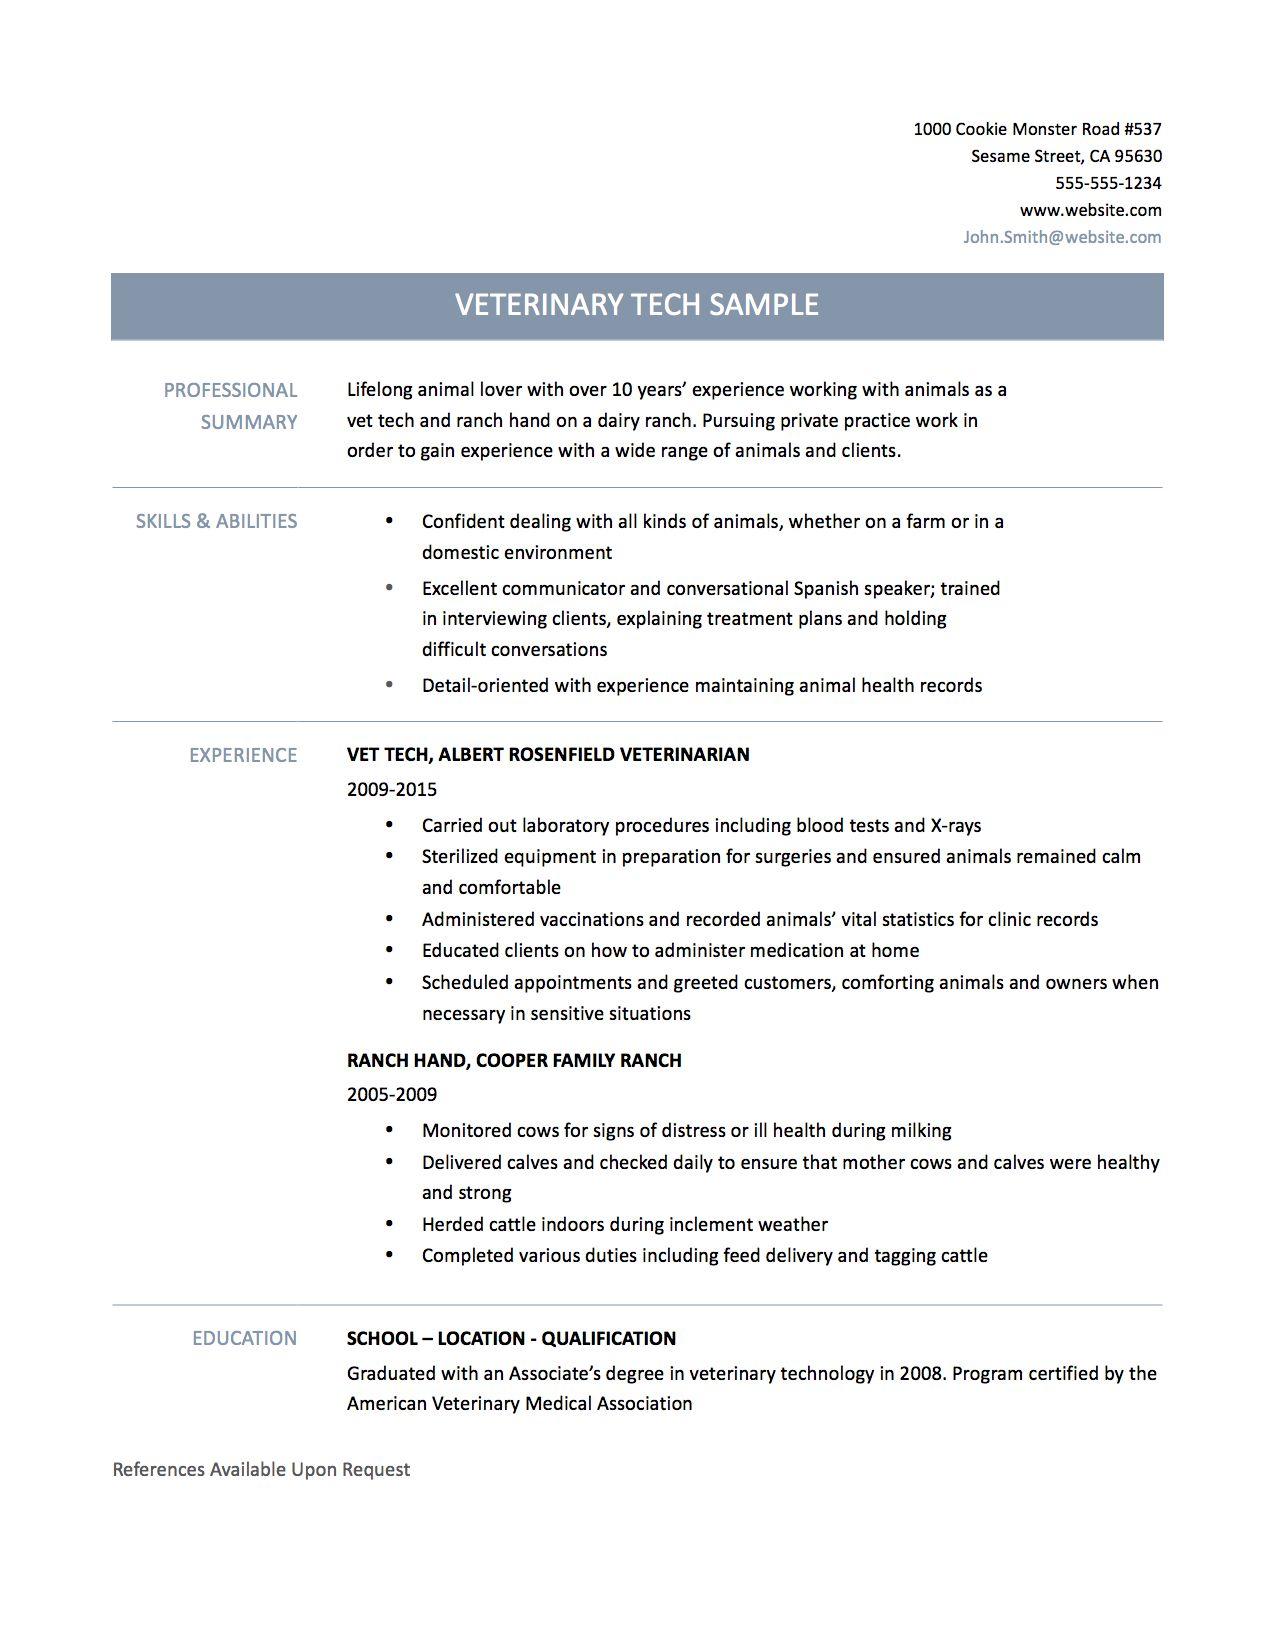 Vet Tech Resume Template Cover Letter Sample Veterinary